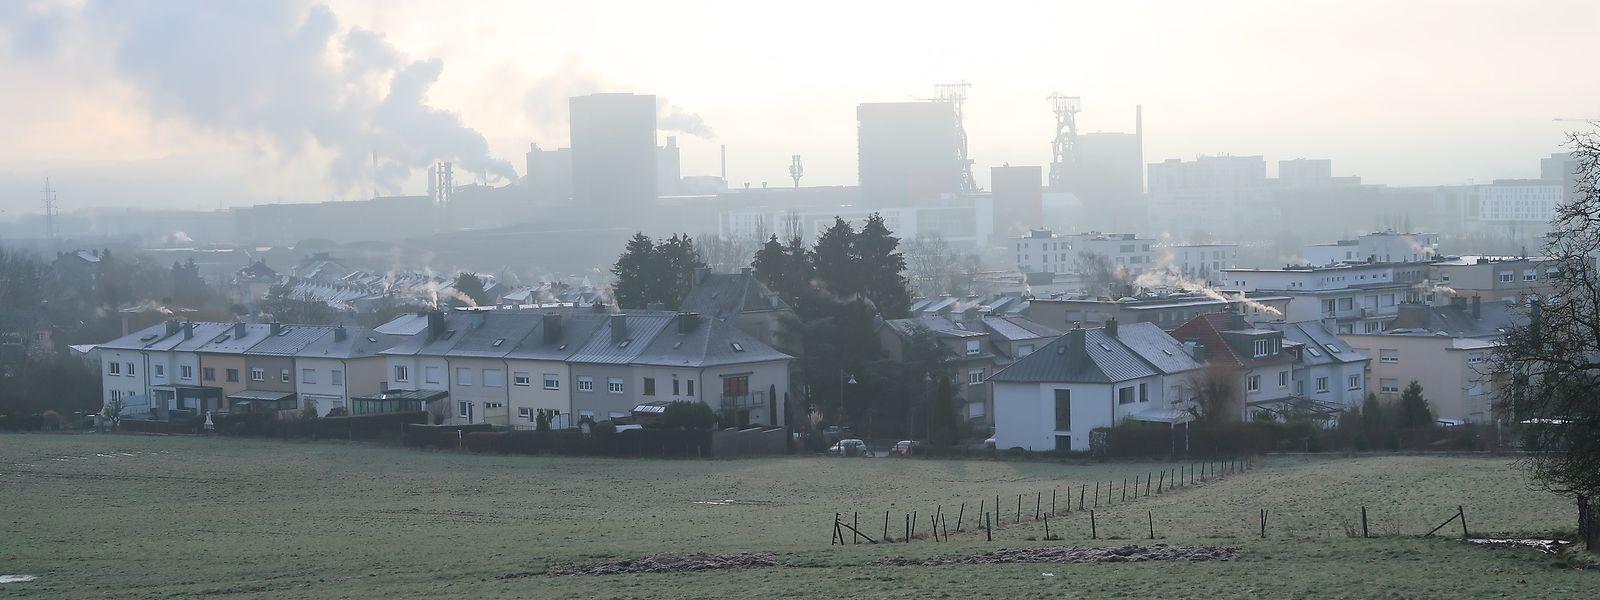 Beles und Belval im Morgengrauen. Nebelig ist derzeit noch, ob der gerade erst angenommene neue allgemeine Bebauungsplan der Gemeinde Sassenheim von Déi Lénk gerichtlich angefochten wird.